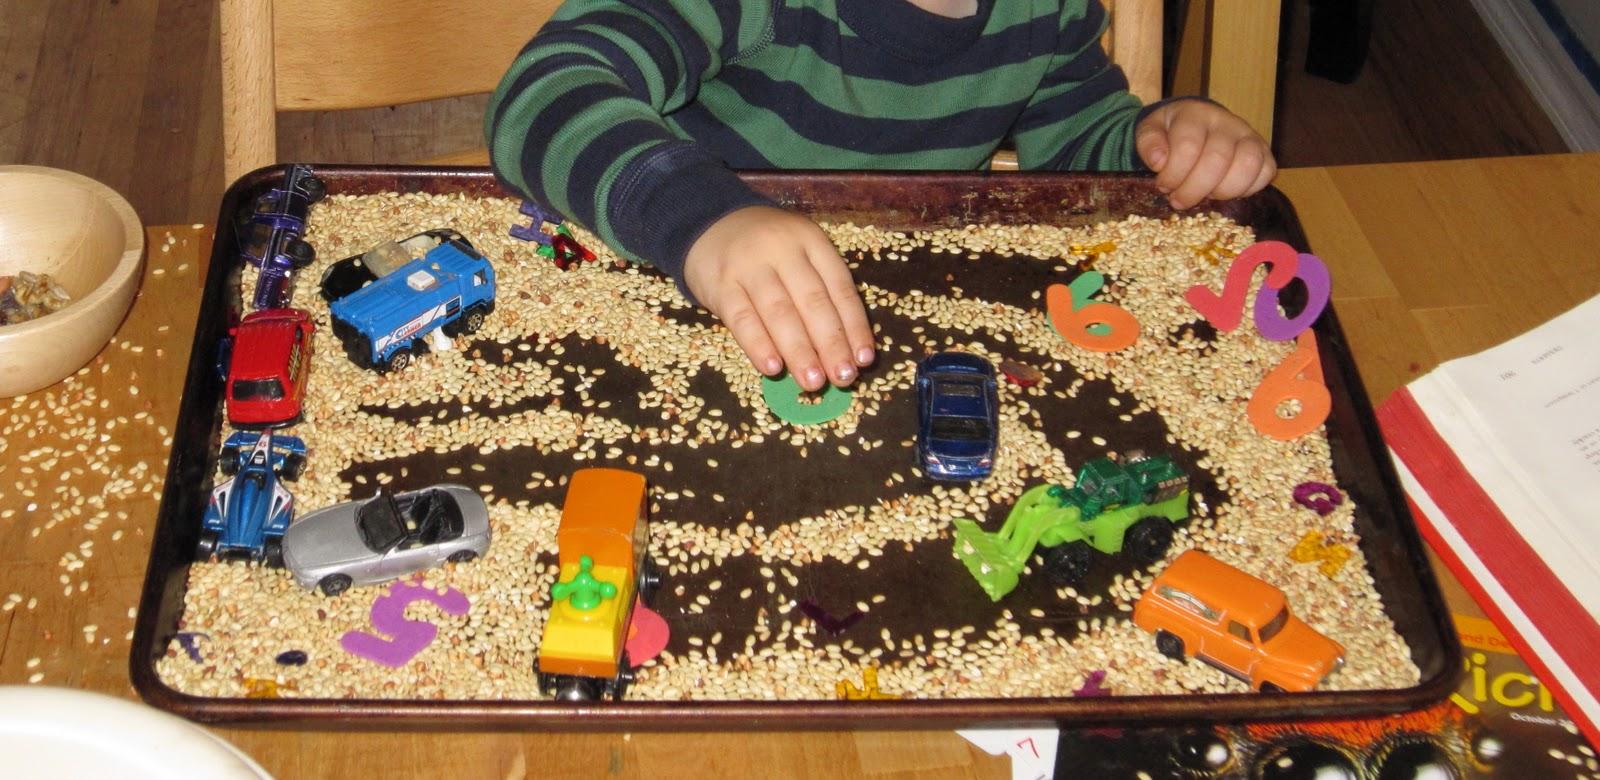 rice sensory activity tray with toy cars